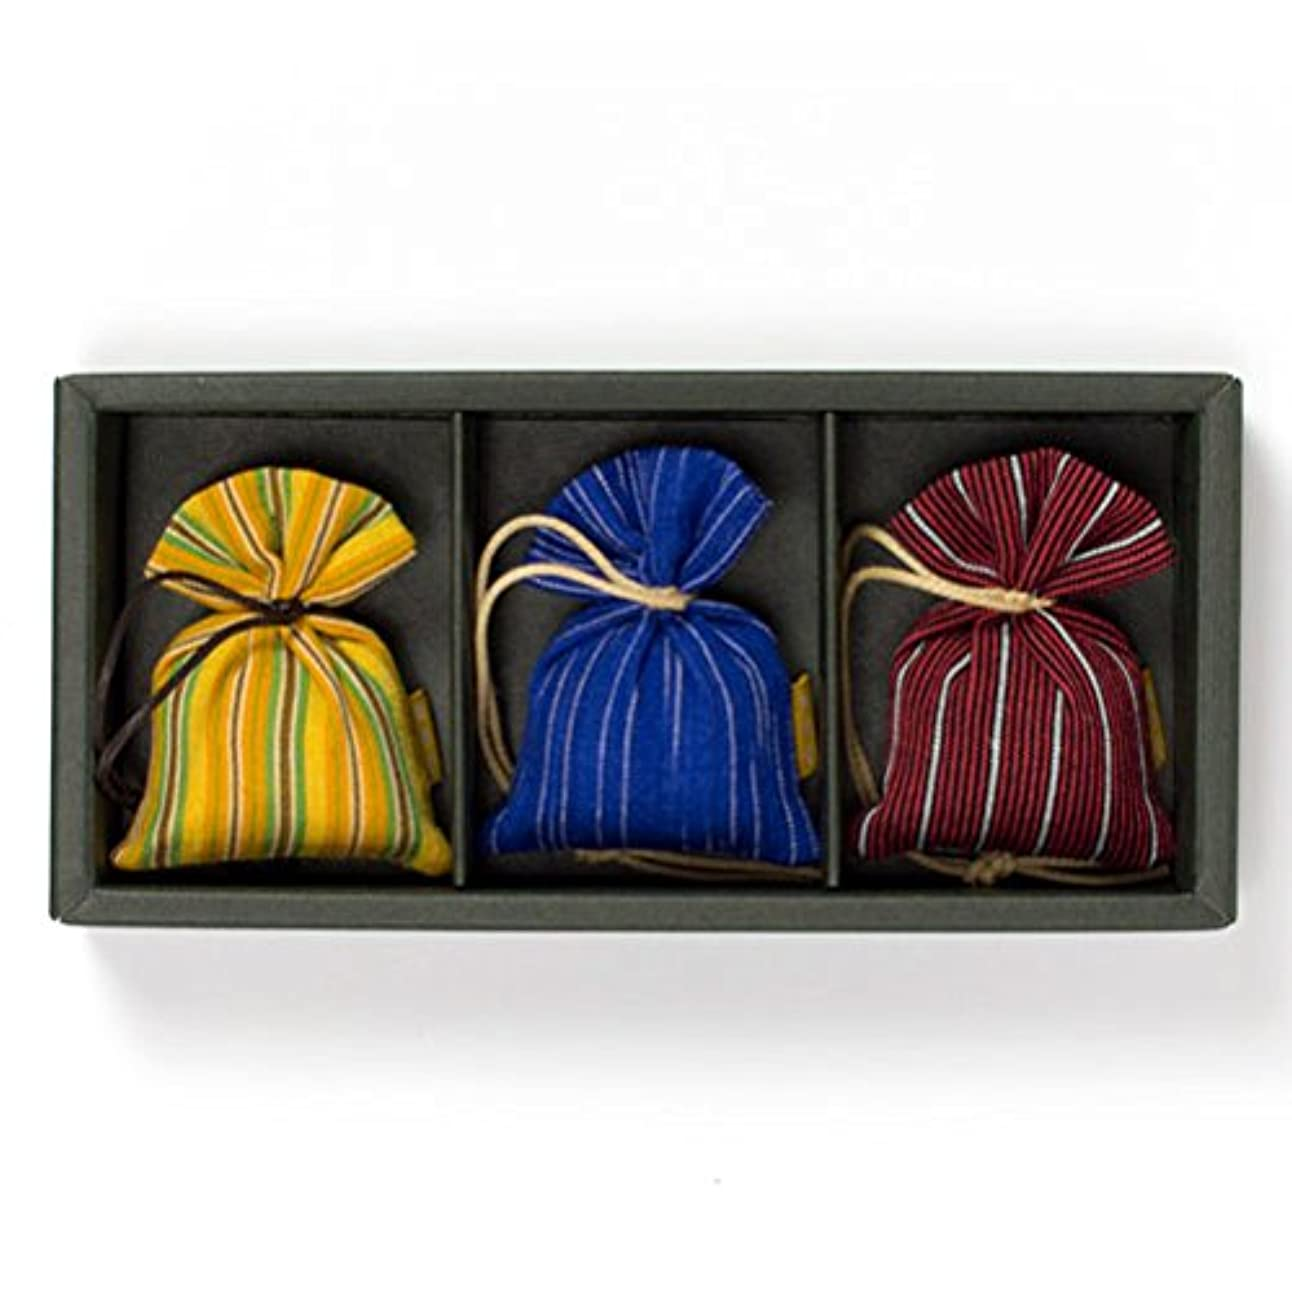 仮称判読できない一般的な匂い袋 誰が袖 ルリック(縞) 3個入 松栄堂 Shoyeido 本体長さ60mm (色?柄は選べません)